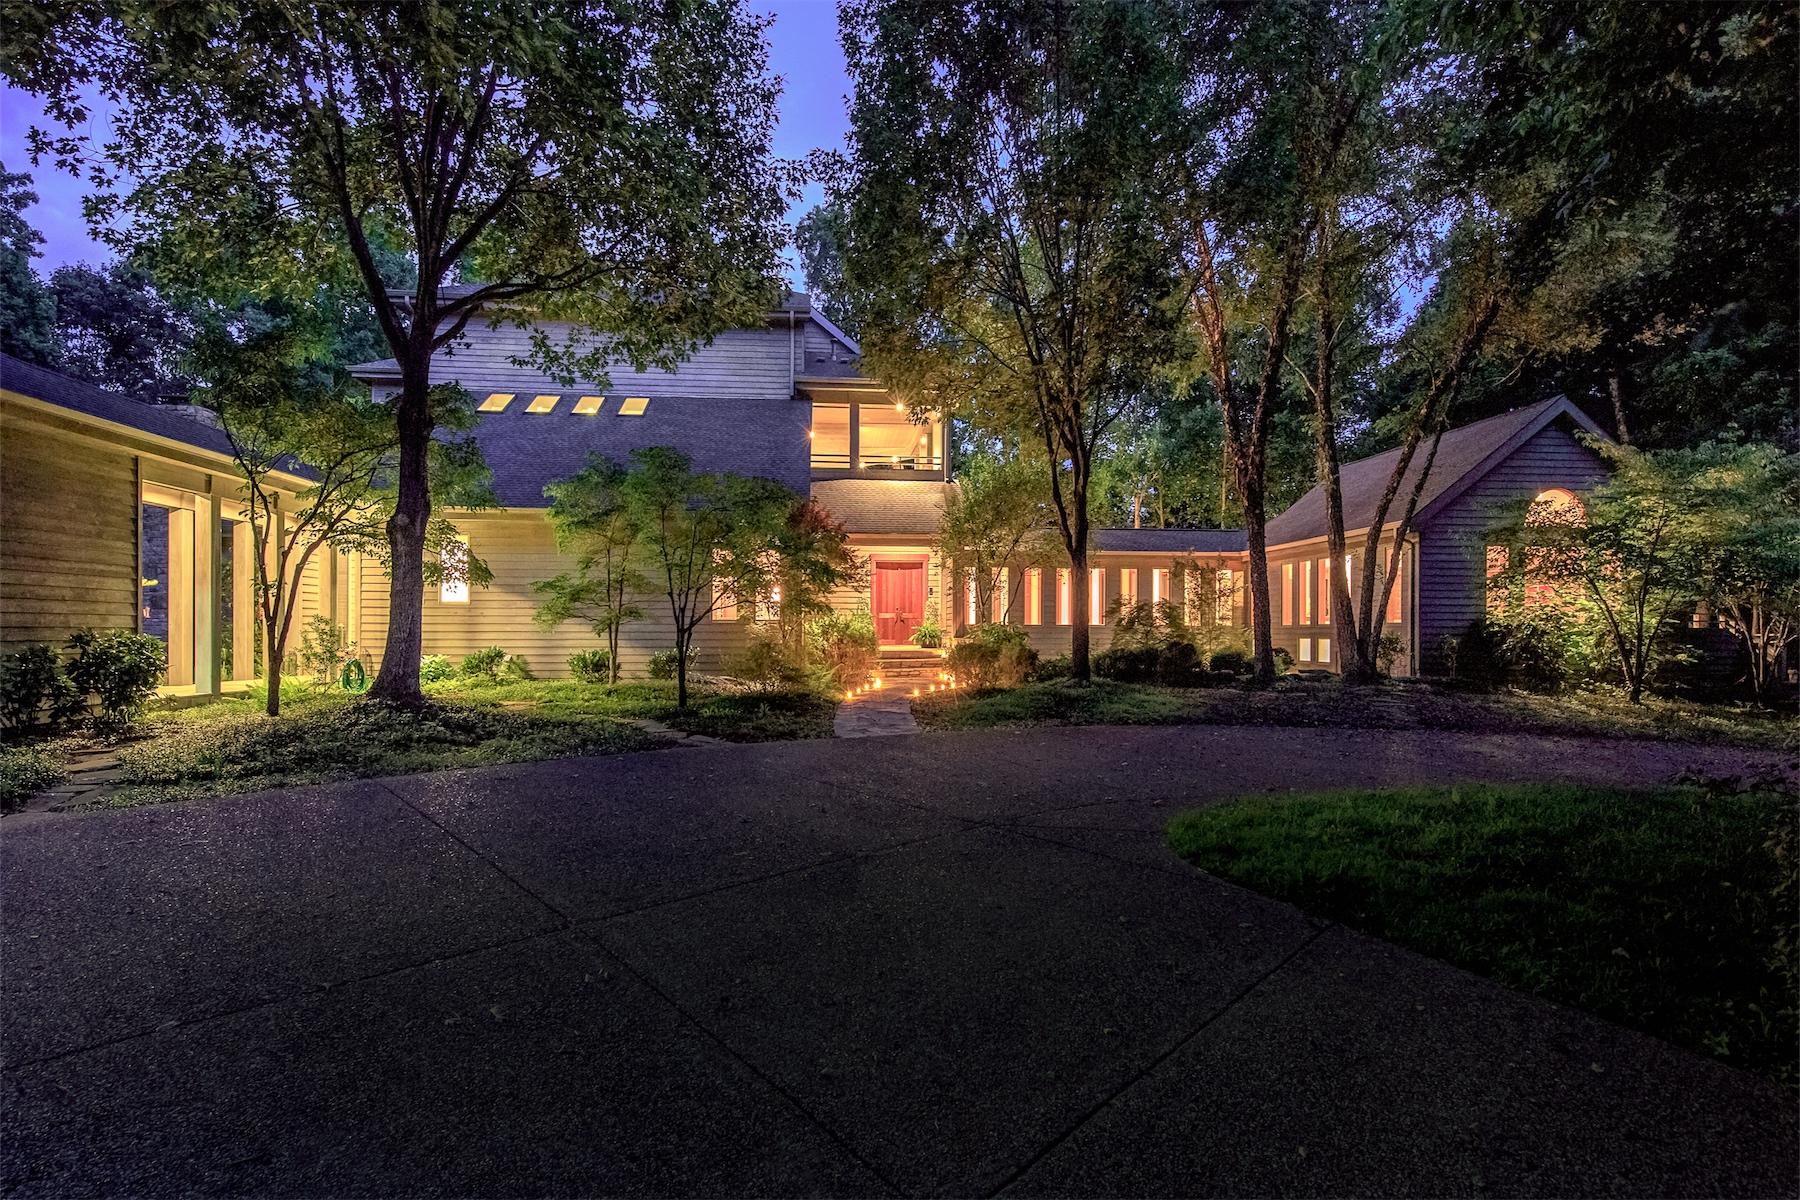 Частный односемейный дом для того Продажа на Gracious Gated Sanctuary on 29 Private Acres 7600 Buffalo Road Nashville, Теннесси, 37221 Соединенные Штаты